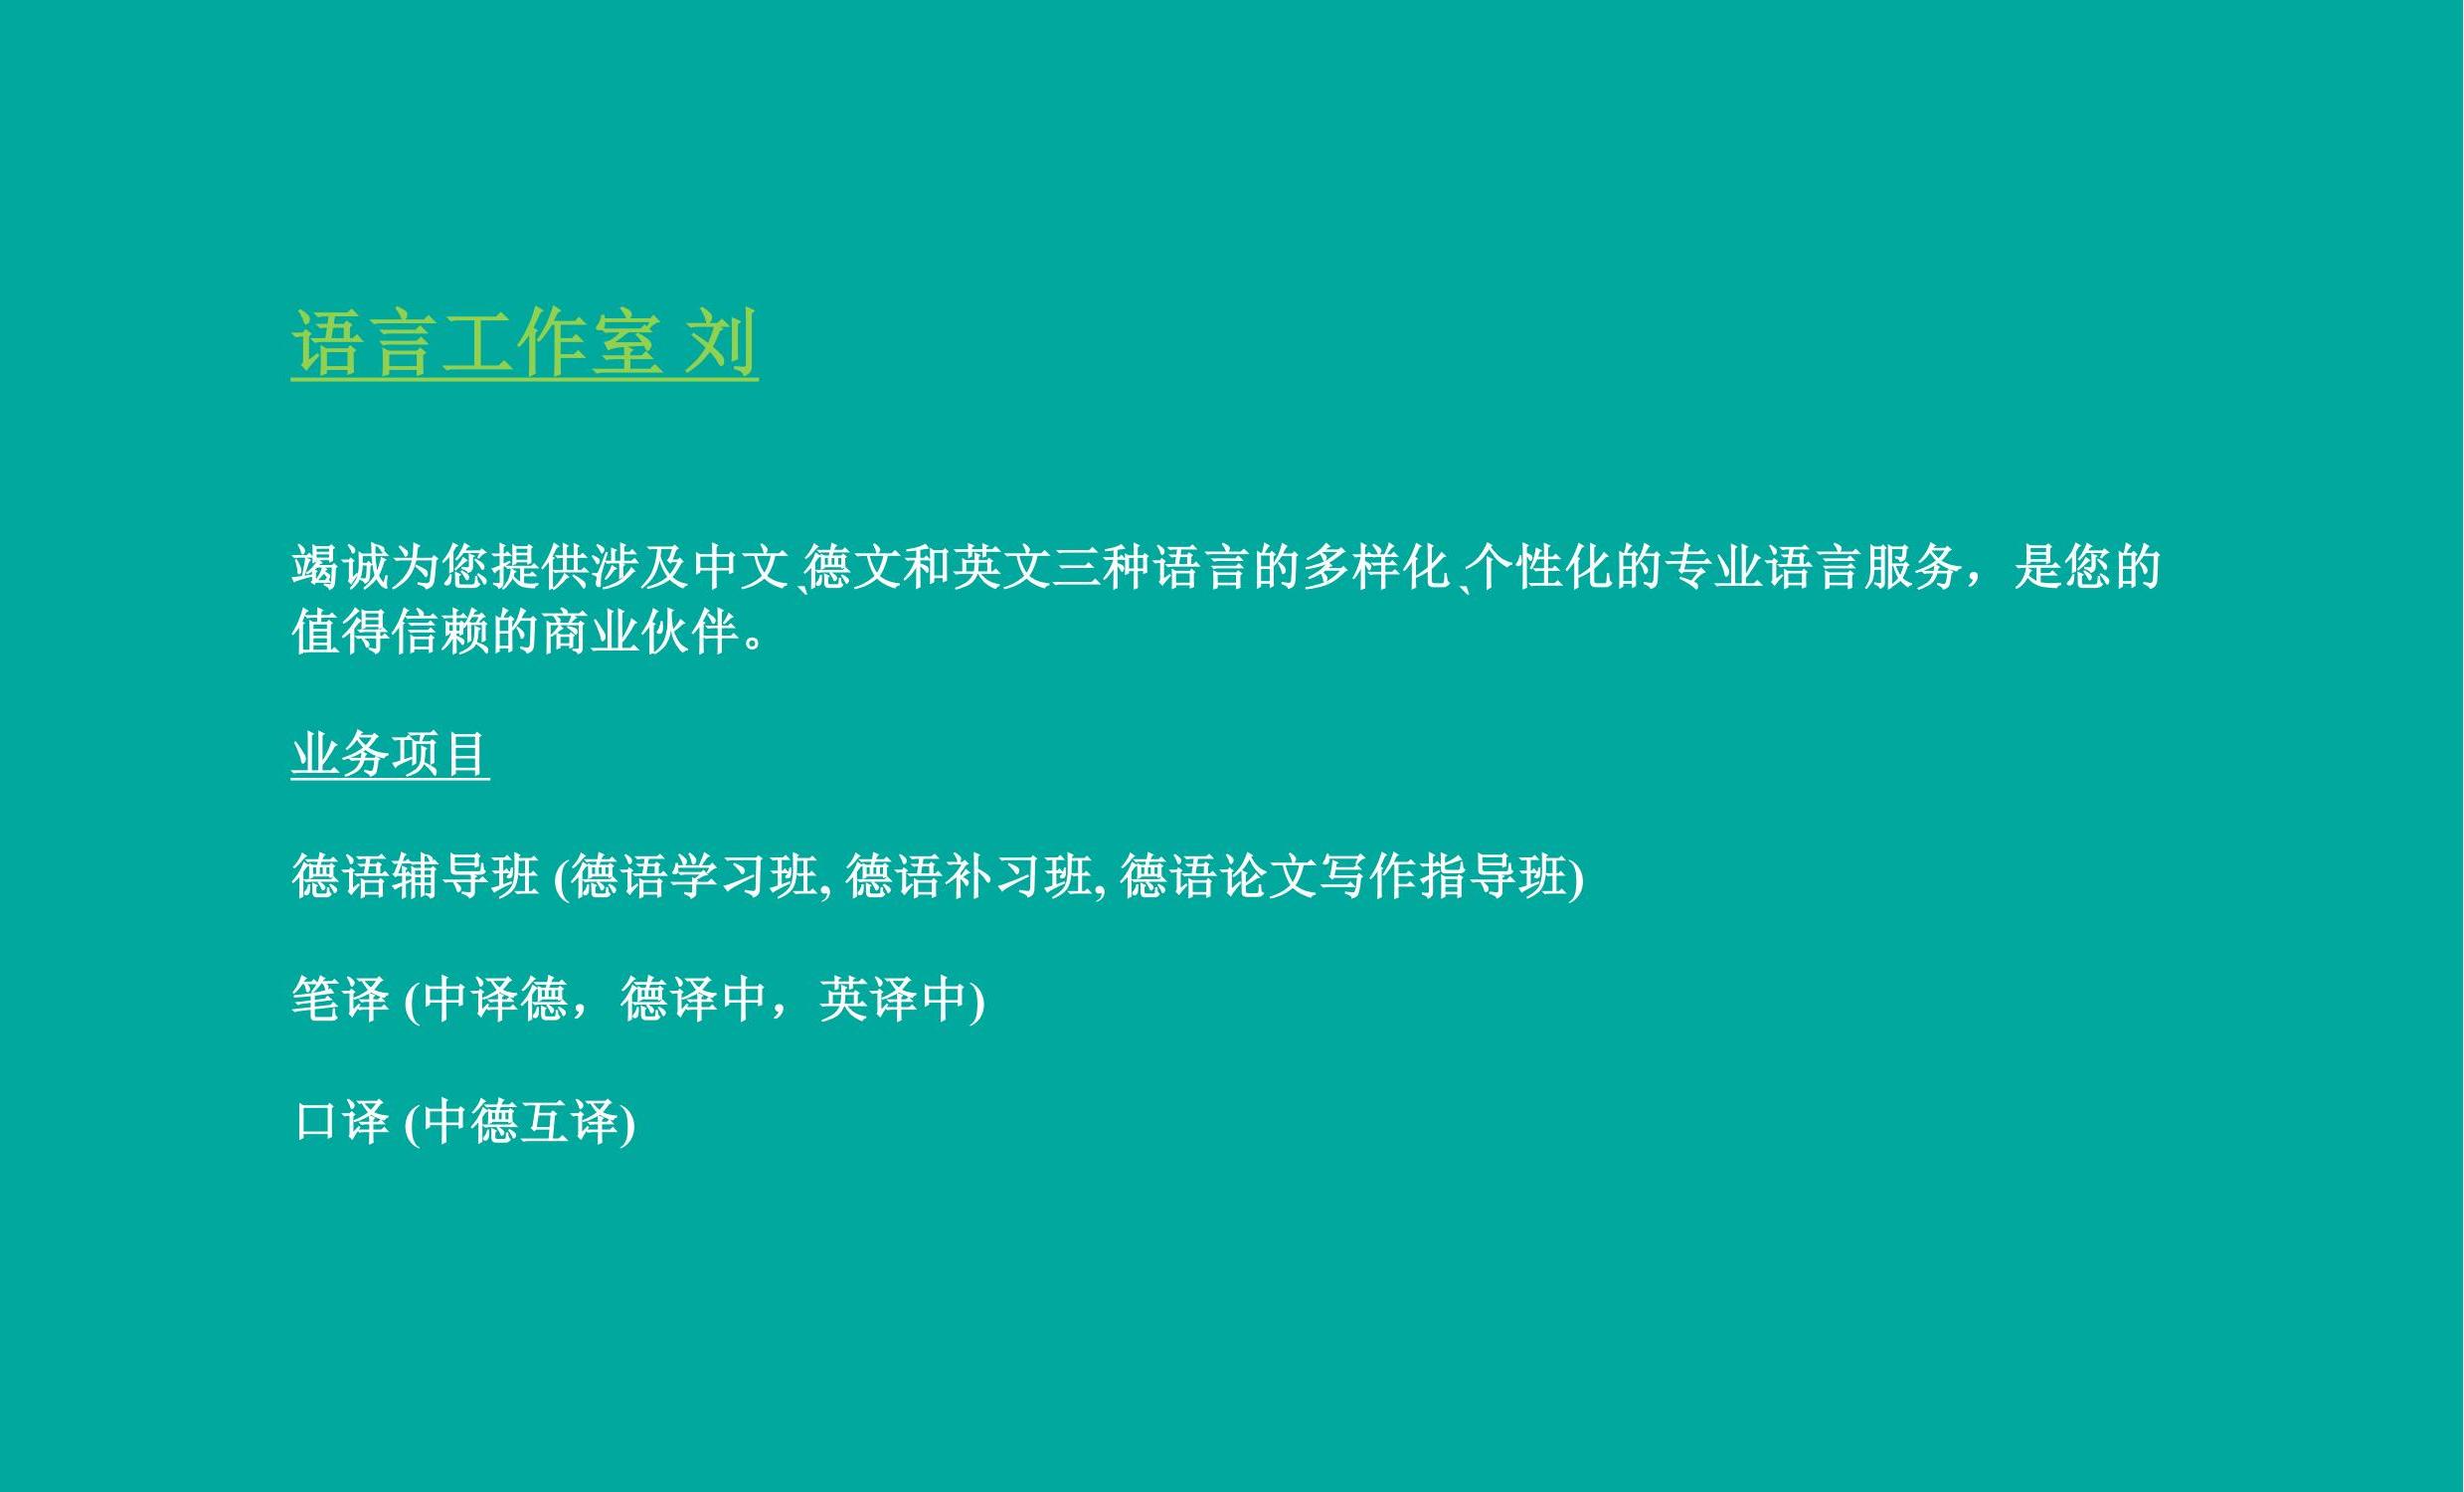 关于语言工作室刘t